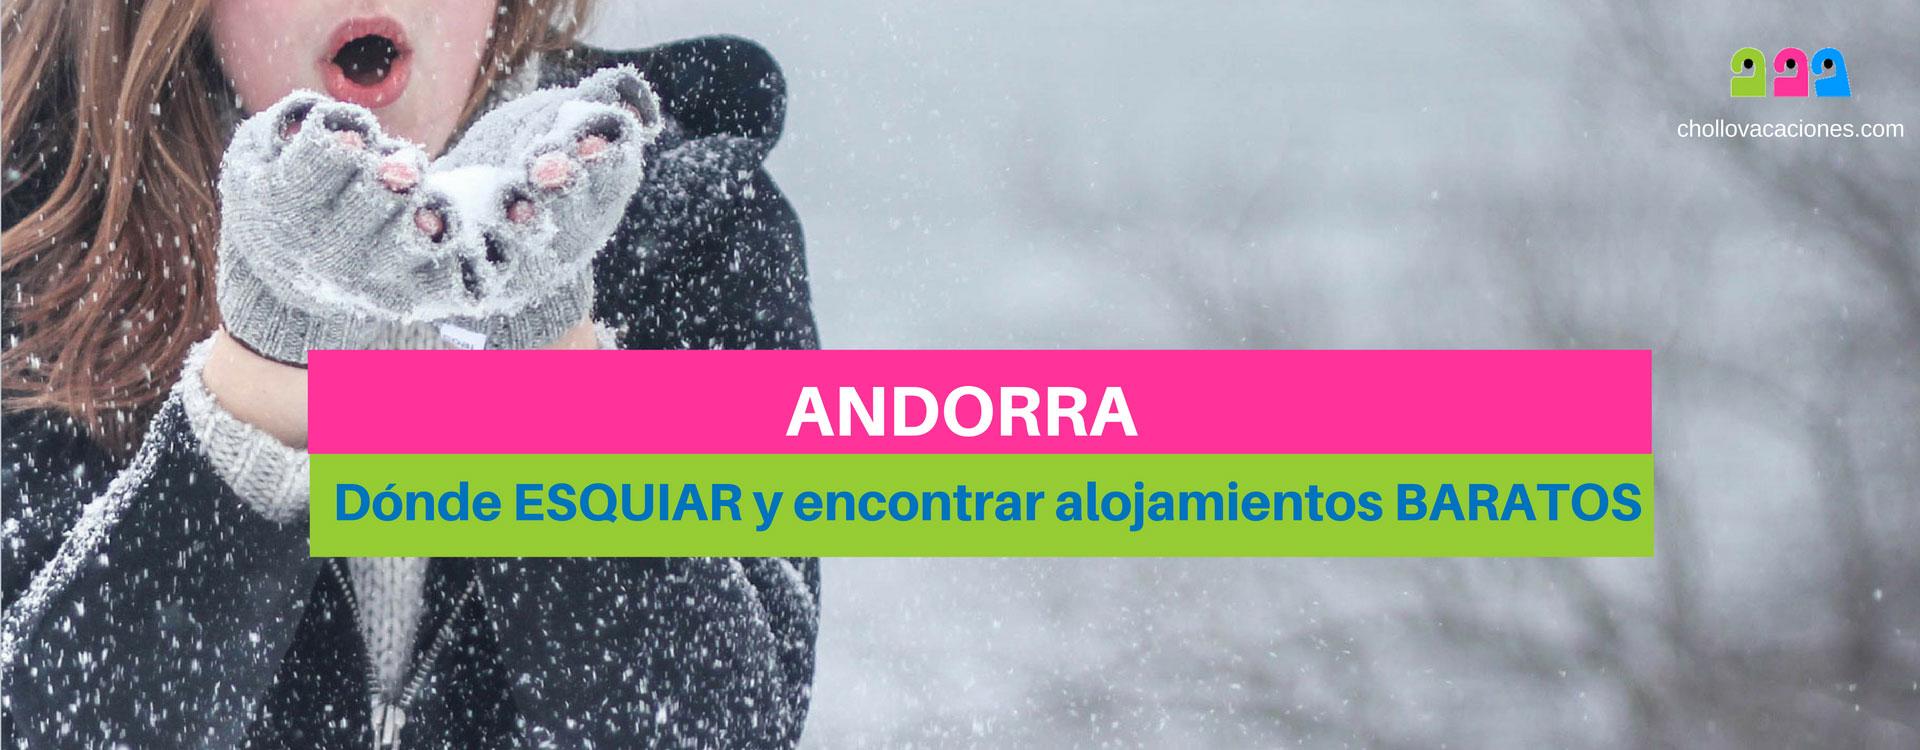 Esquiar en Andorra: estaciones de esqui y hoteles en andorra con ofertas